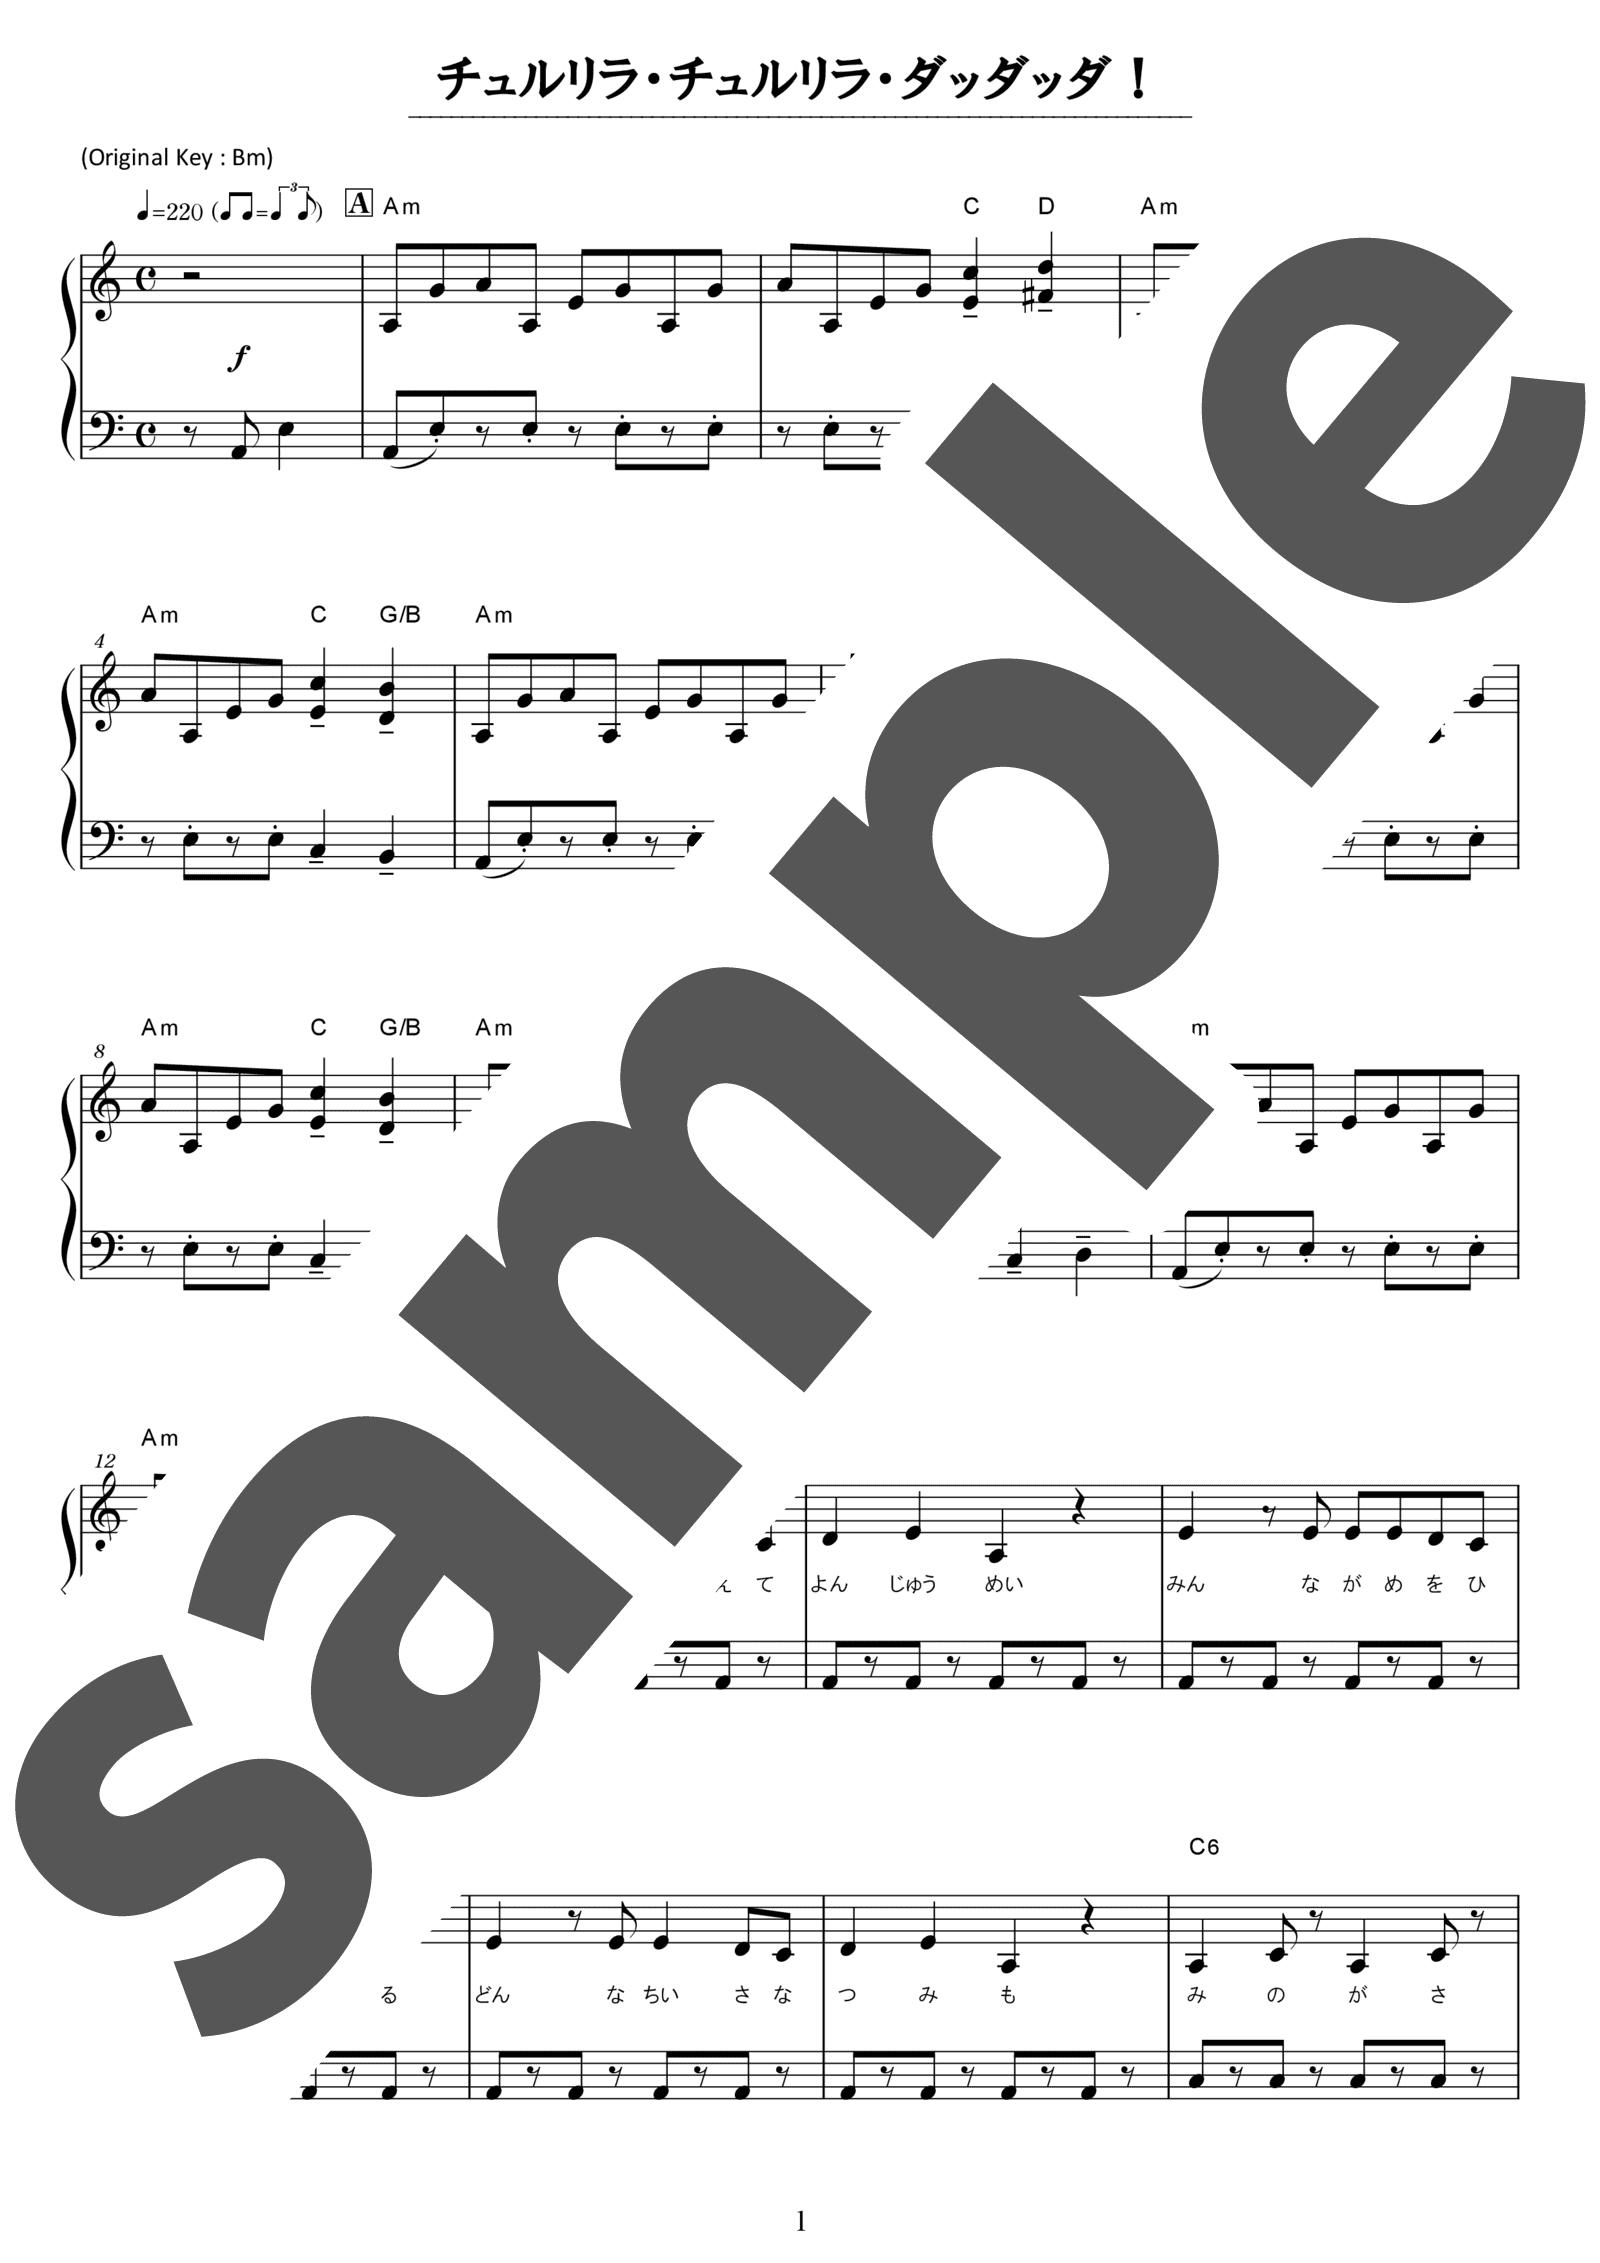 「チュルリラ・チュルリラ・ダッダッダ!」のサンプル楽譜